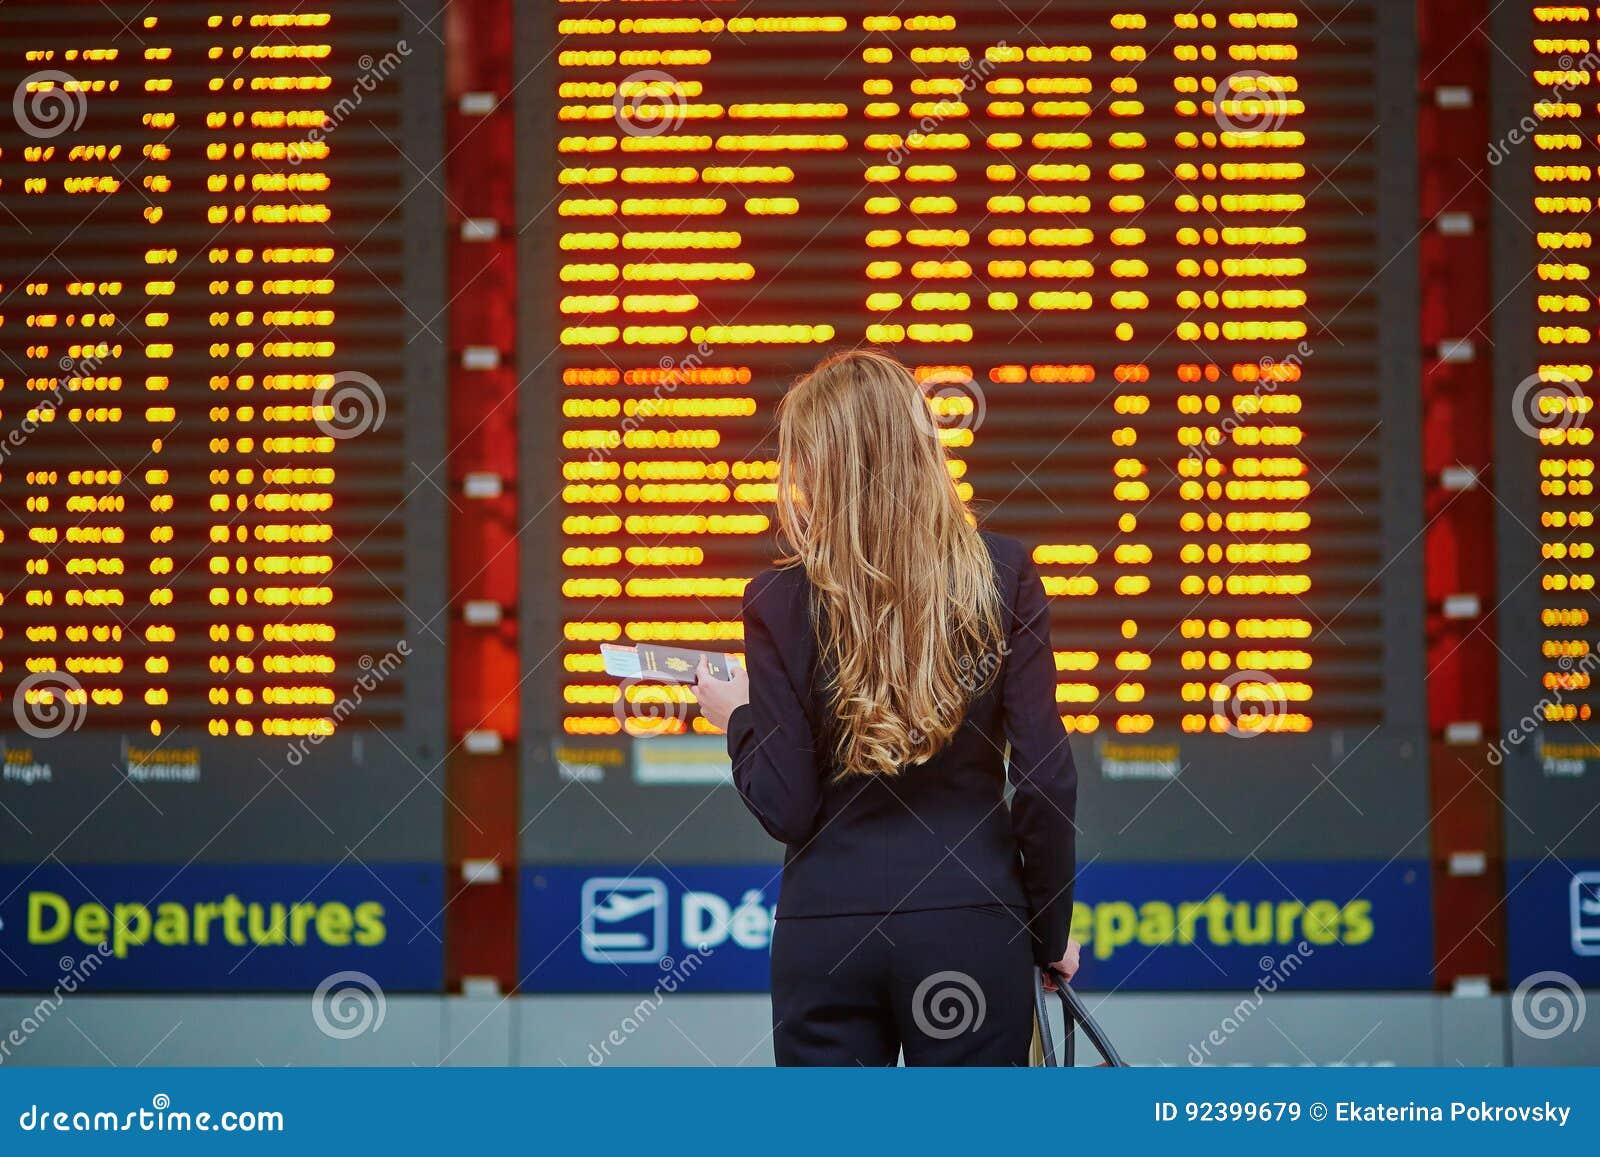 Mujer con bulto de mano en el terminal de aeropuerto internacional, mirando al tablero de la información